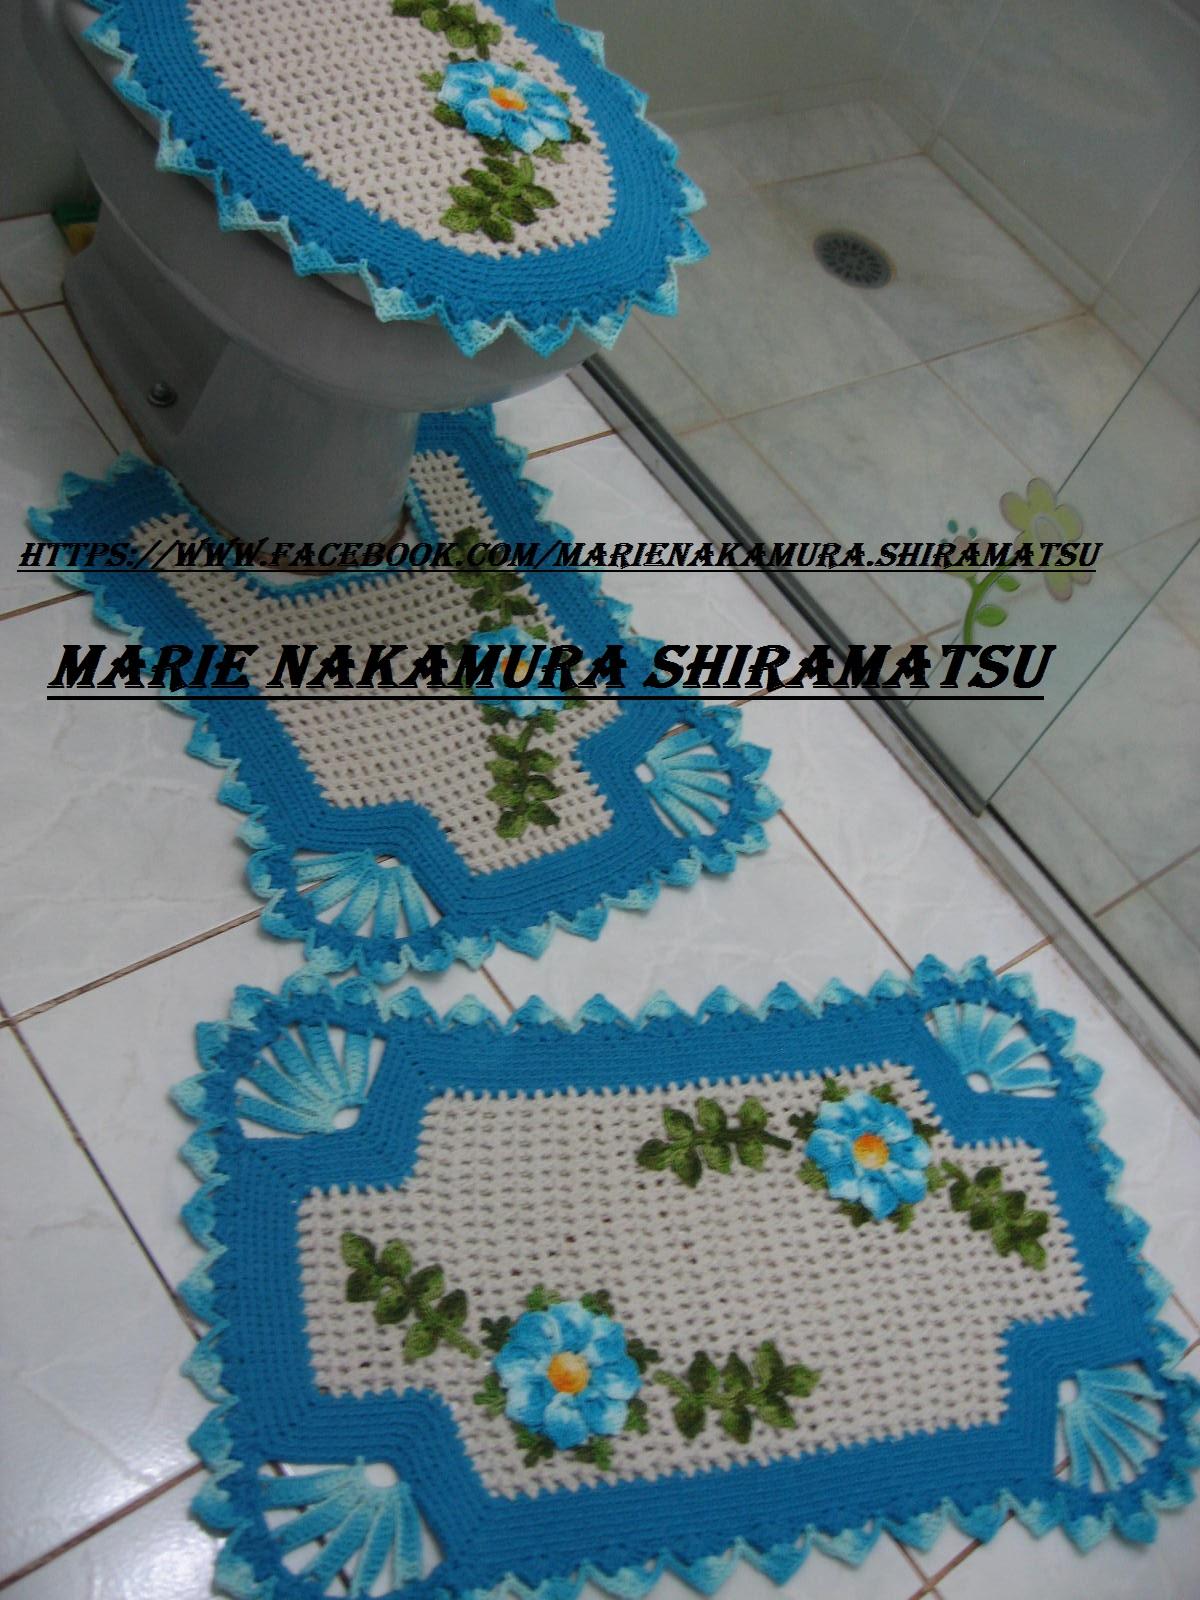 Jogo De Banheiro Azul Em Croche : Jogo jardim encantado azul turquesa marie nakamura